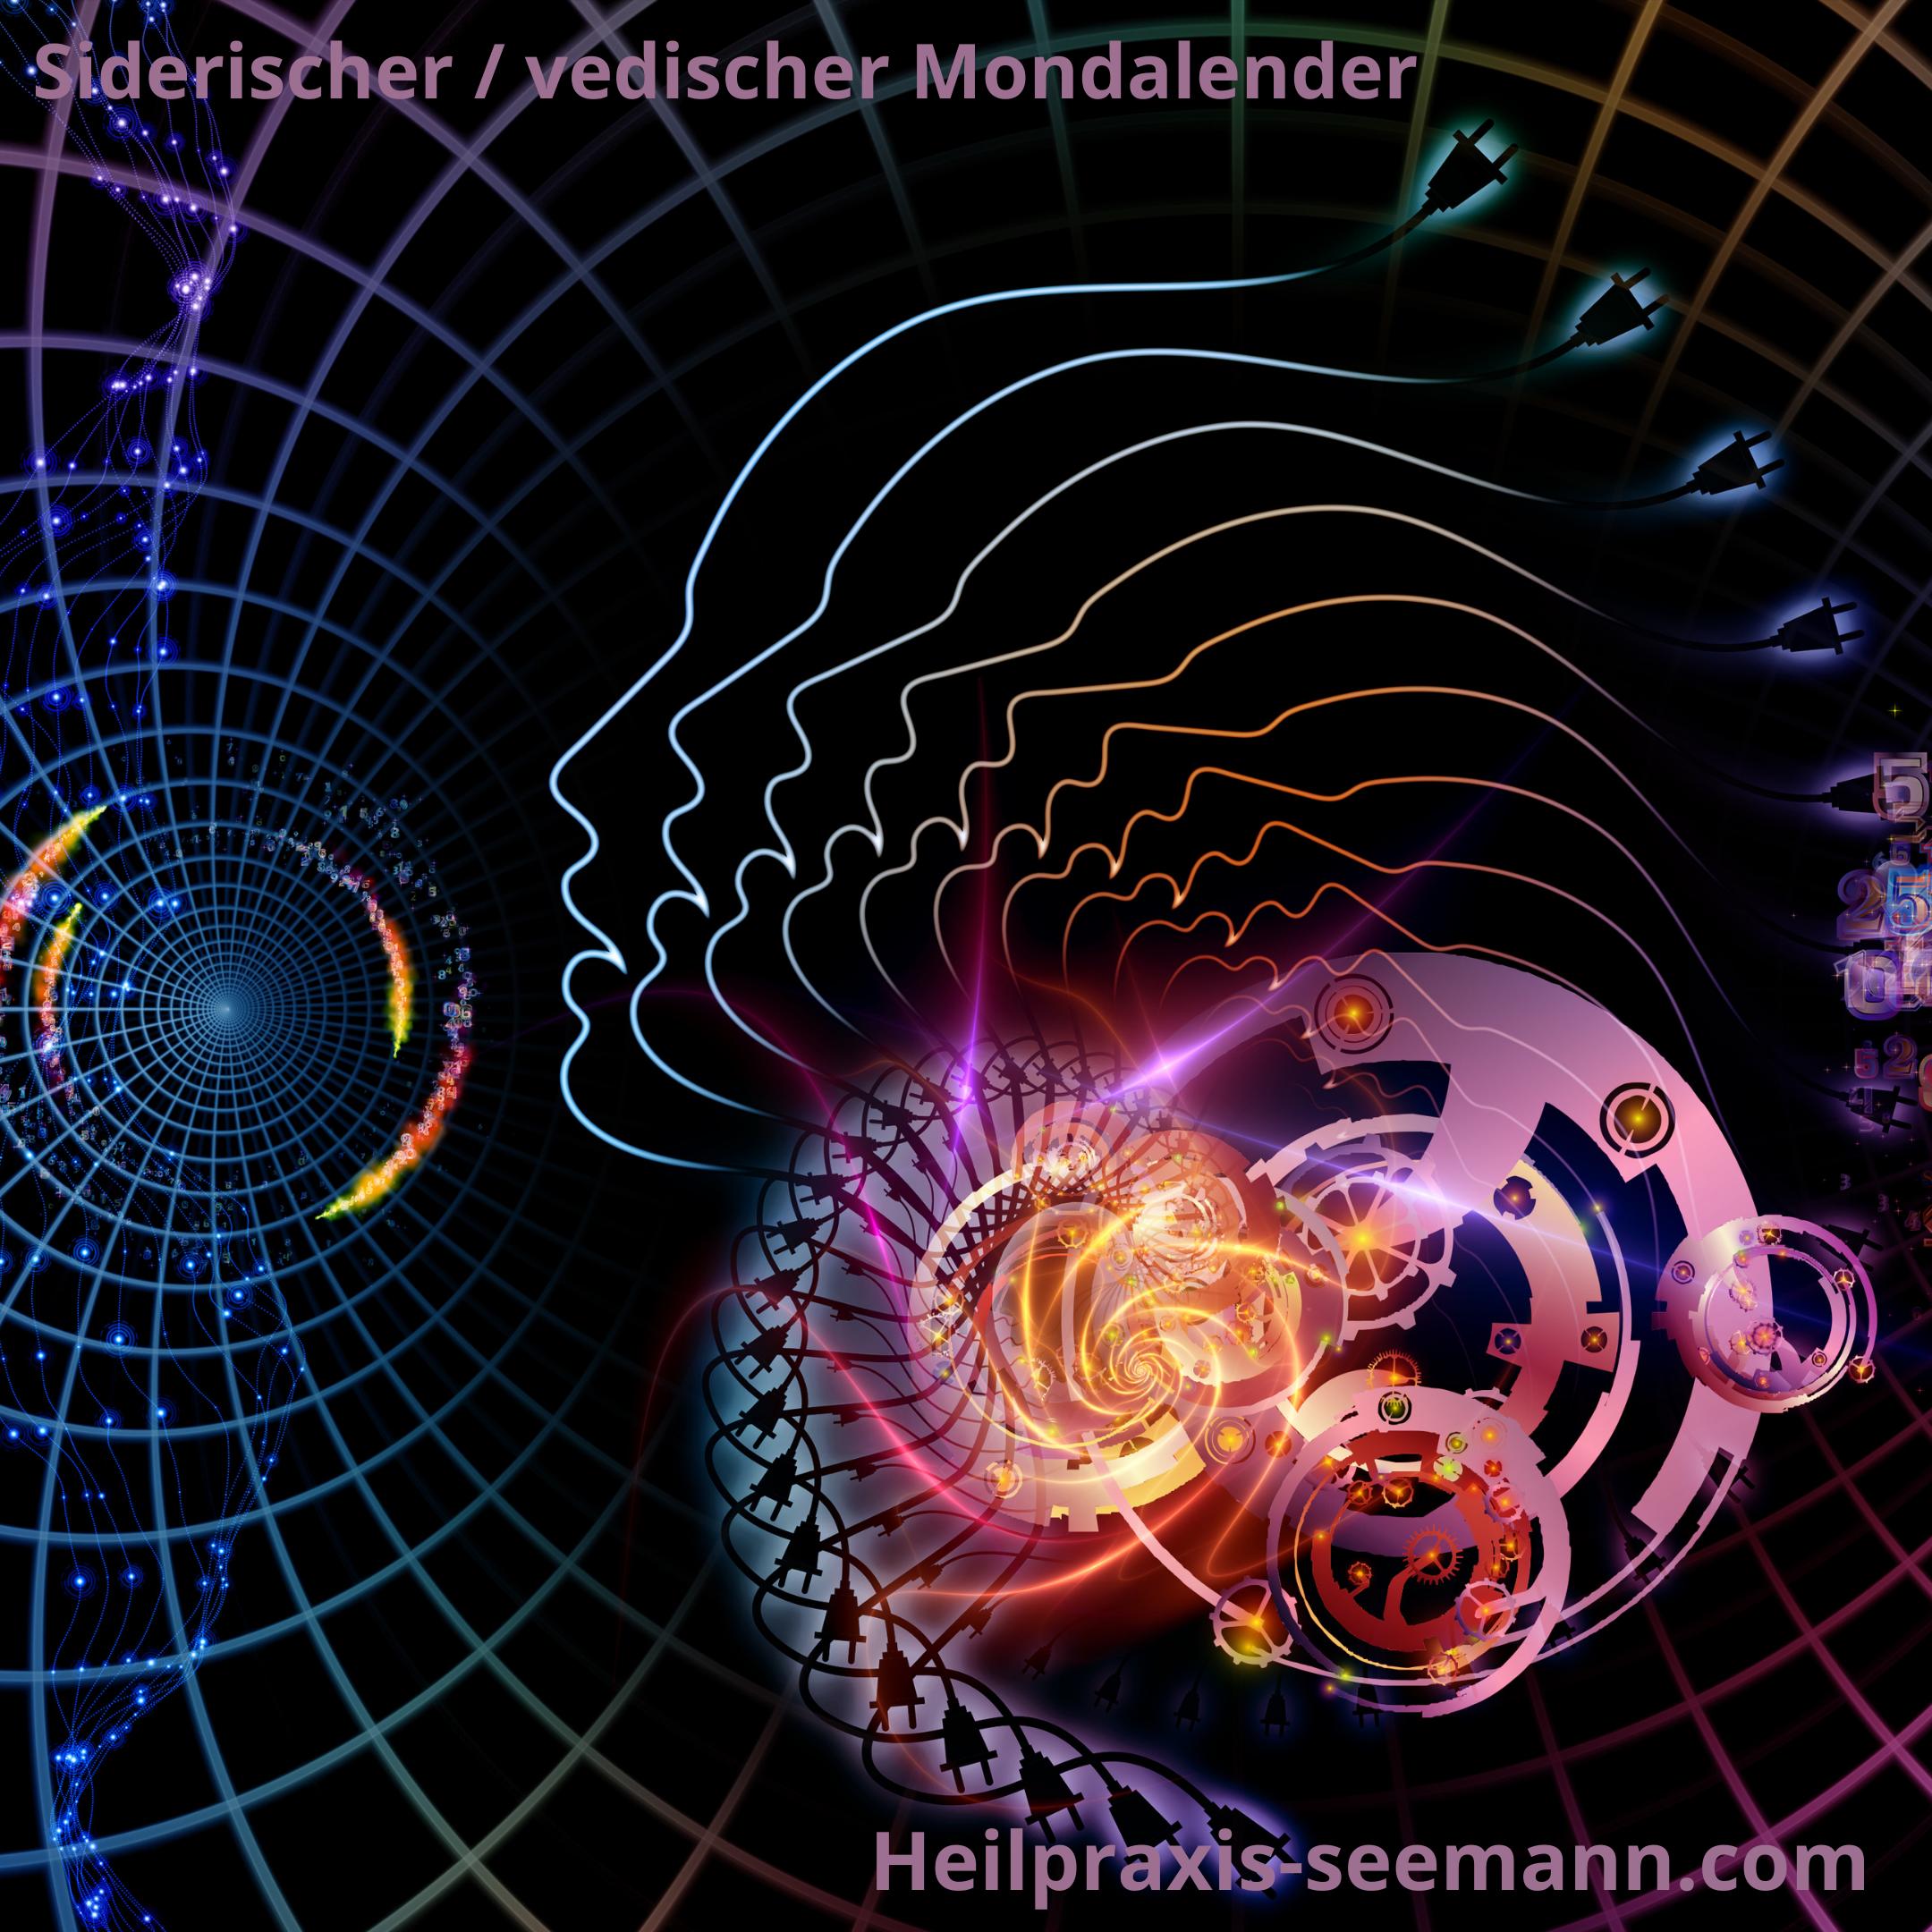 siderischer _ vedischer Mondkalender Denebola (1)